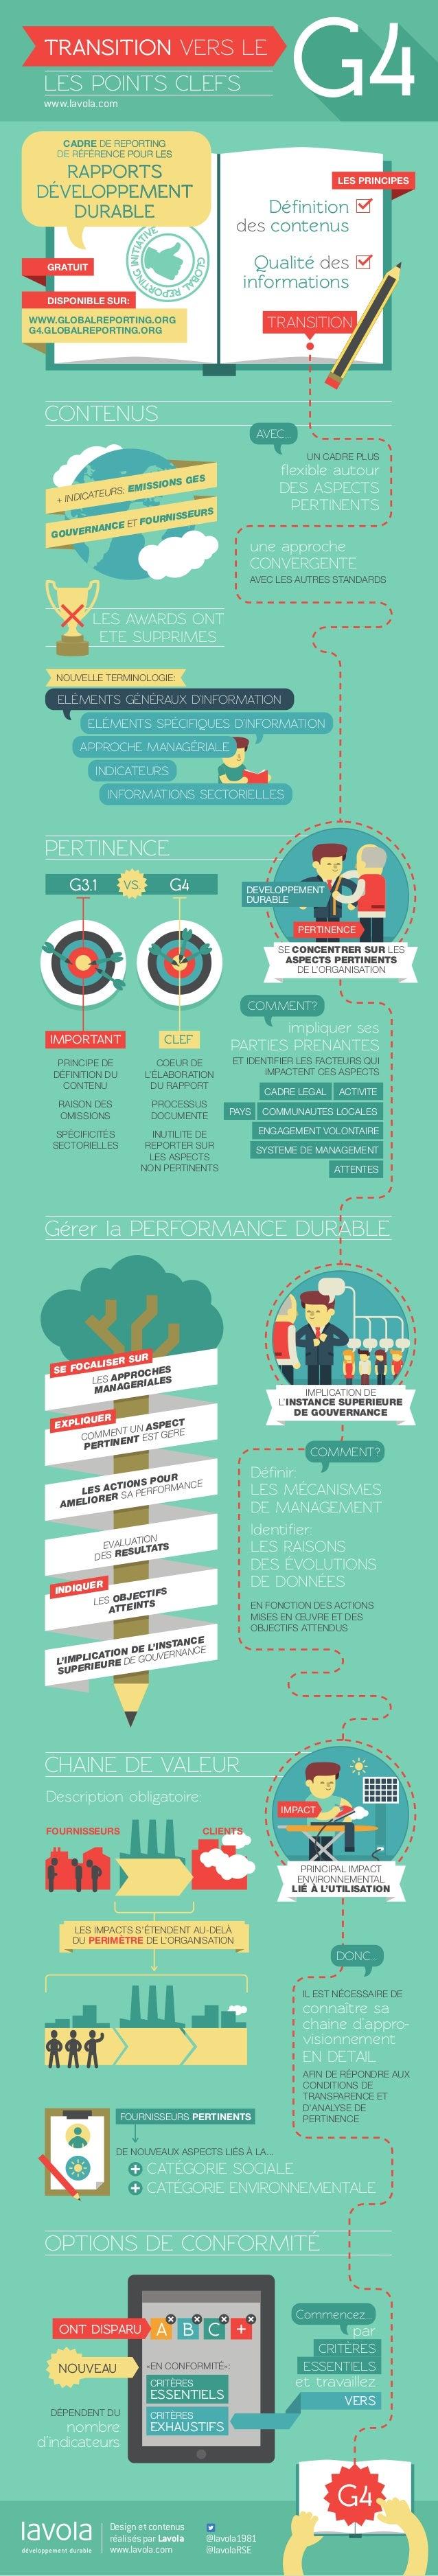 G4  TRANSITION VERS LE LES POINTS CLEFS www.lavola.com CADRE DE REPORTING DE RÉFÉRENCE POUR LES  RAPPORTS DÉVELOPPEMENT DU...